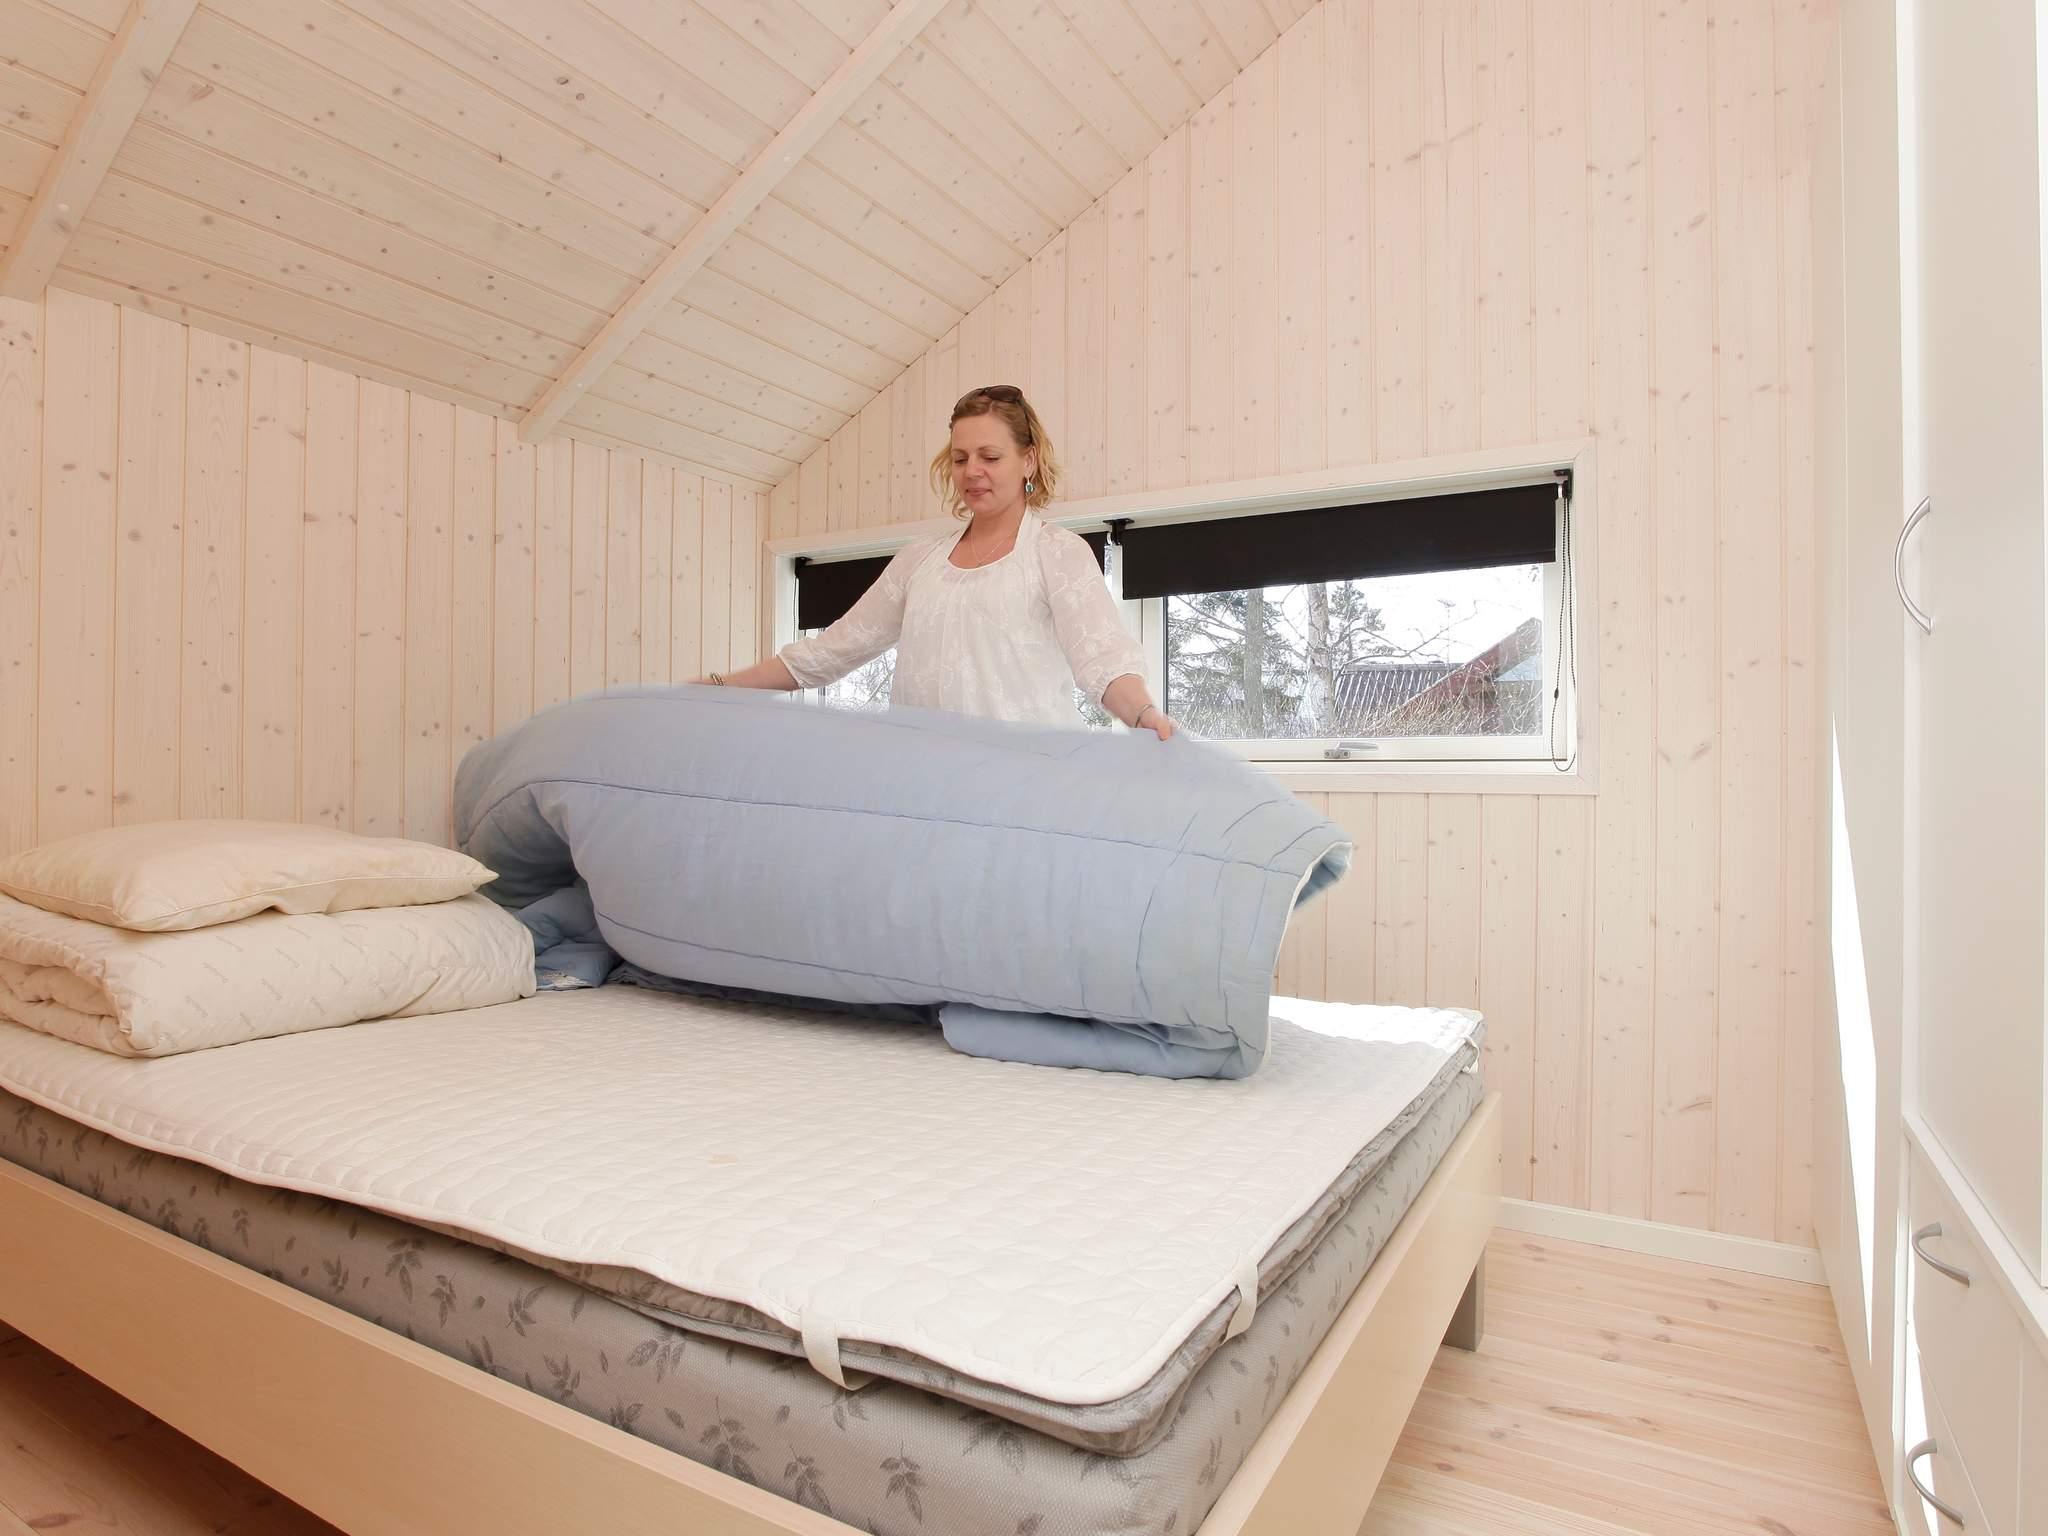 Ferienhaus Vellerup Sommerby (428200), Vellerup, , Nordseeland, Dänemark, Bild 7